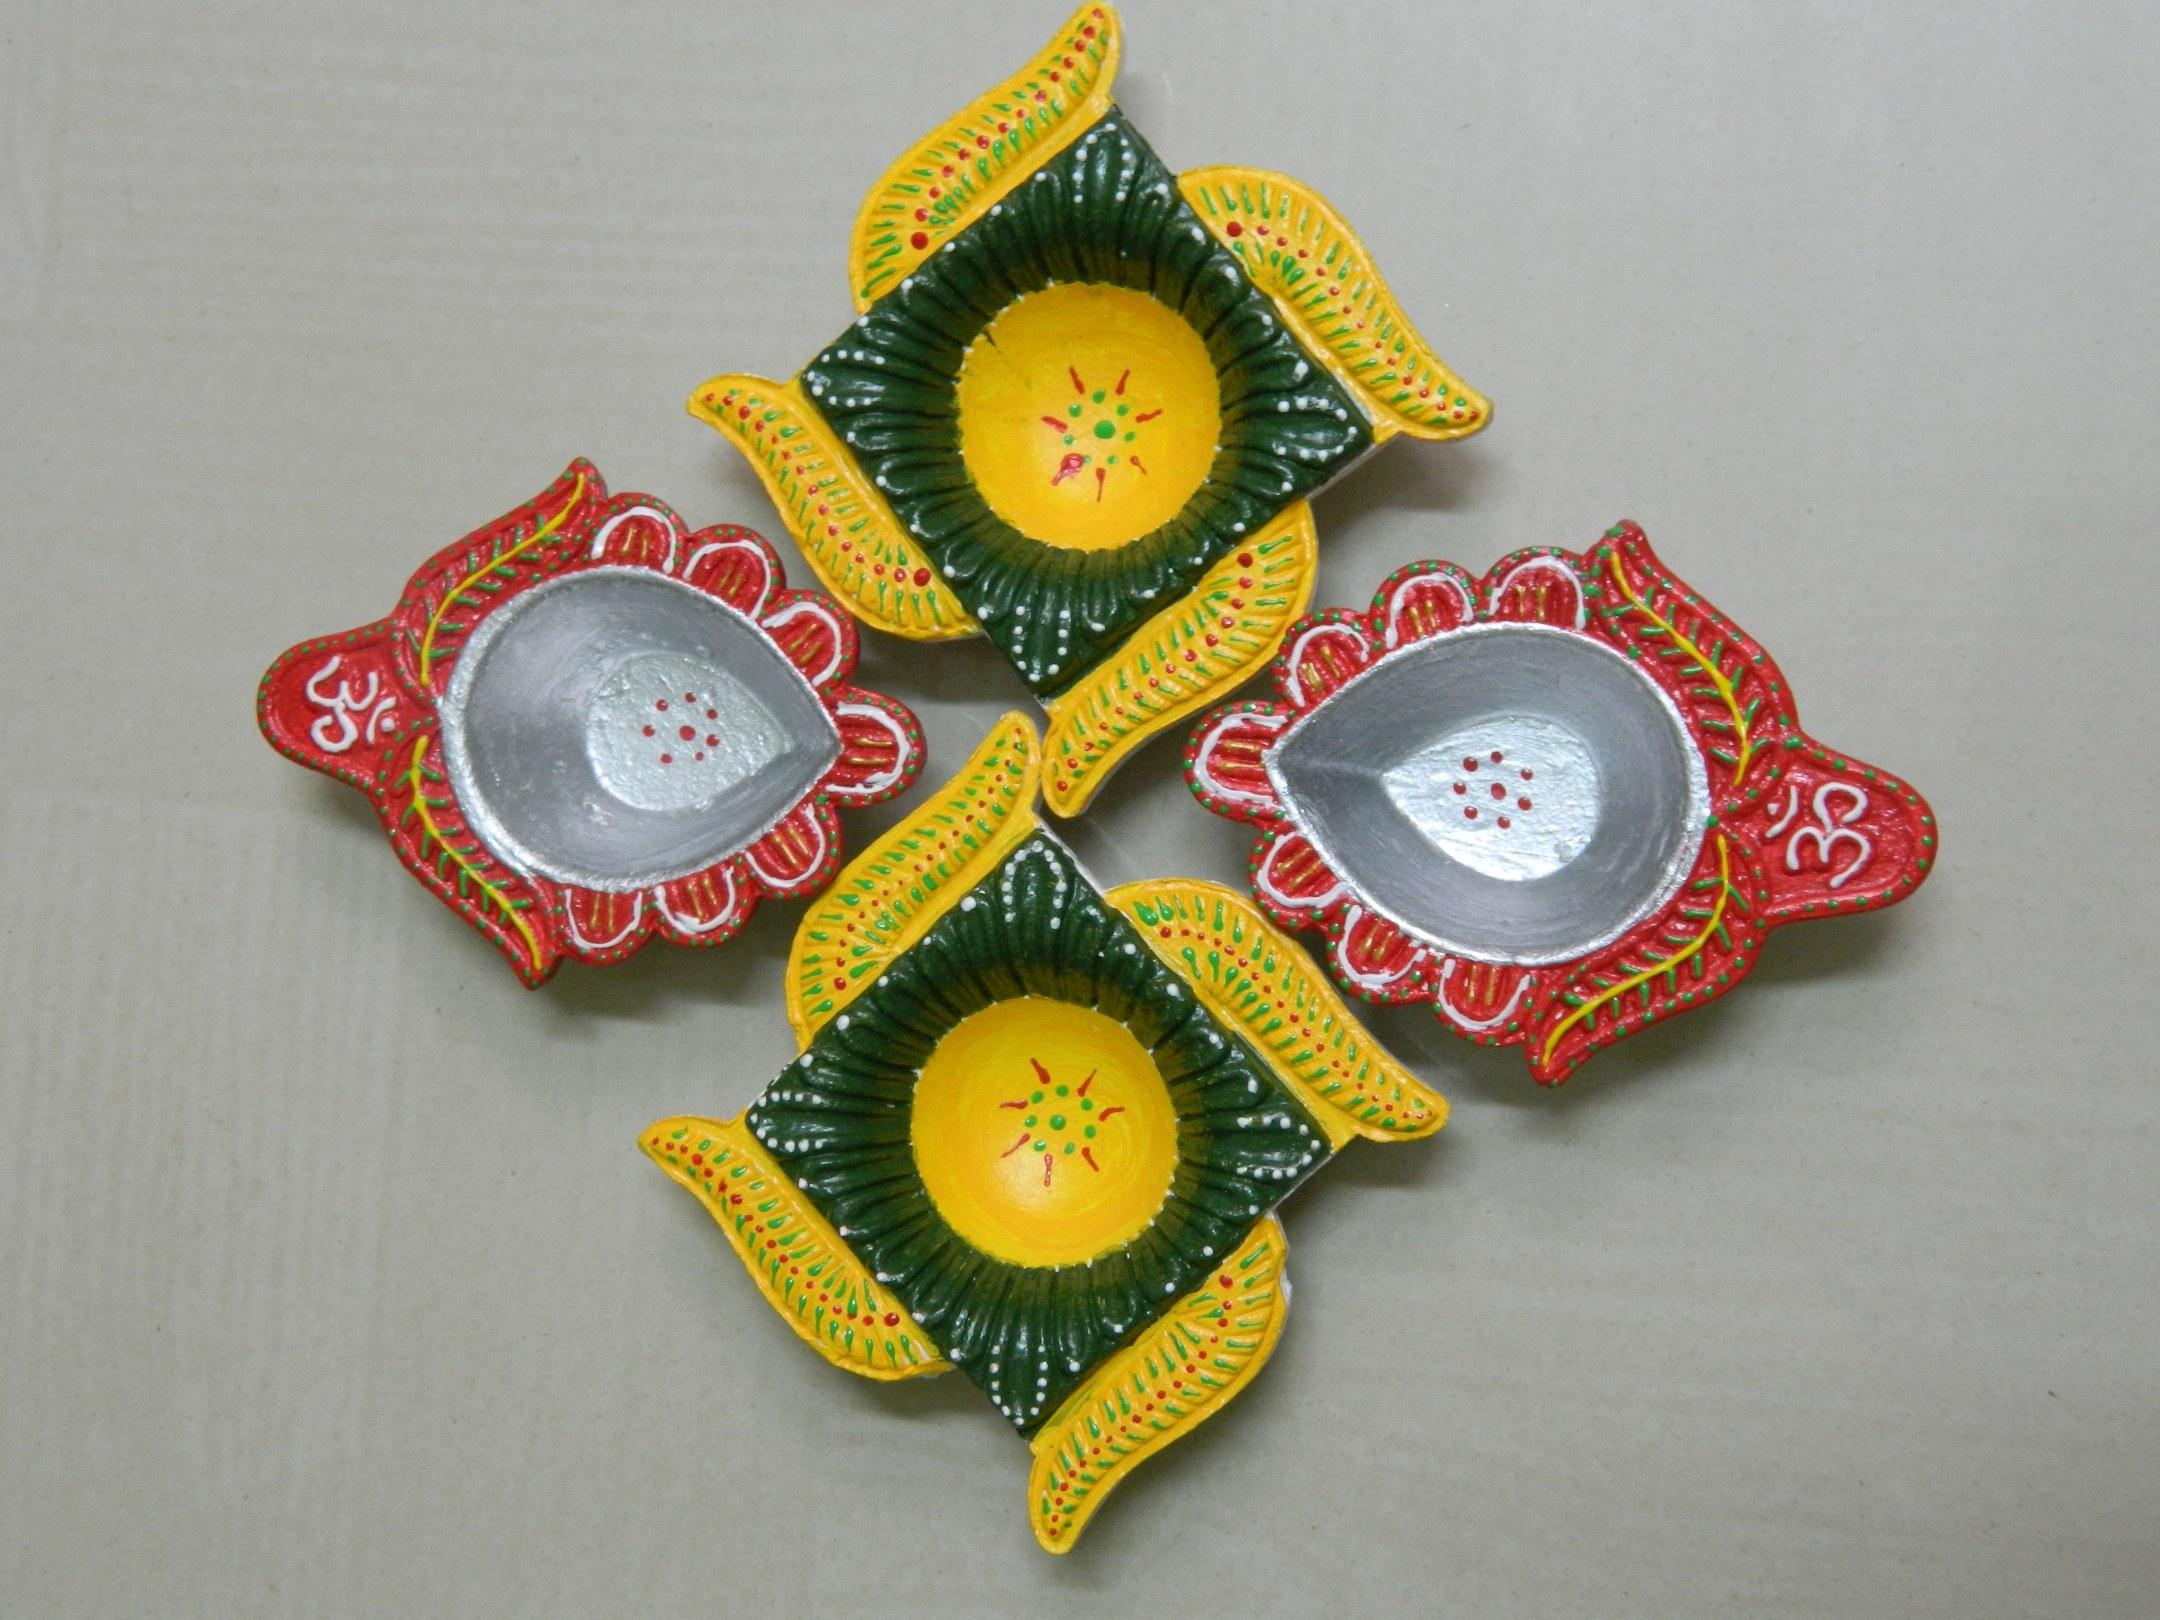 Diwali Diyas Online Shopping India: Indian Traditional Diwali Diya-Online Shopping-1